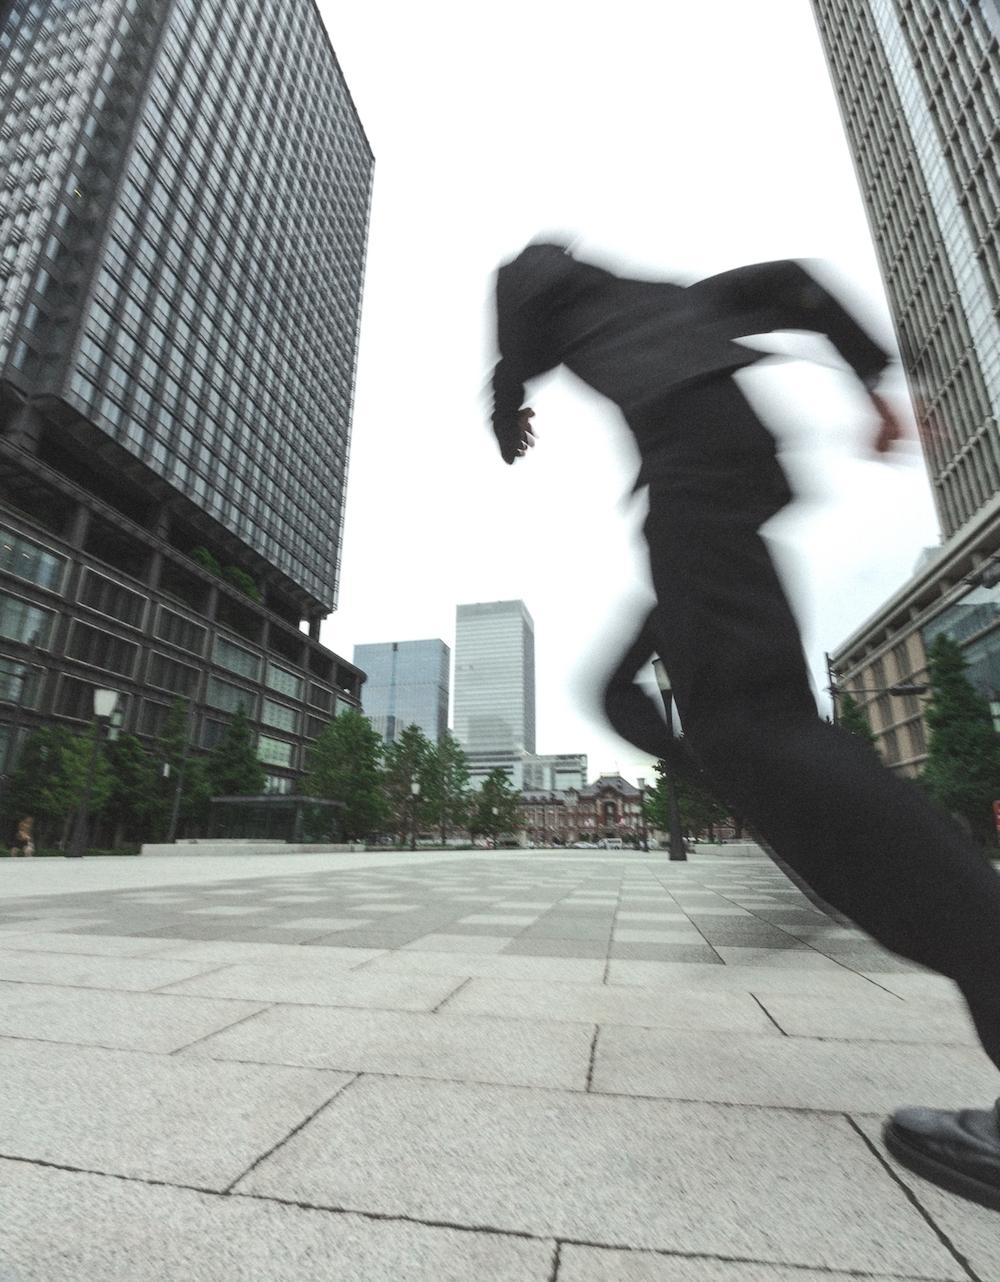 インフルエンサーっていつまで走り続けるの?